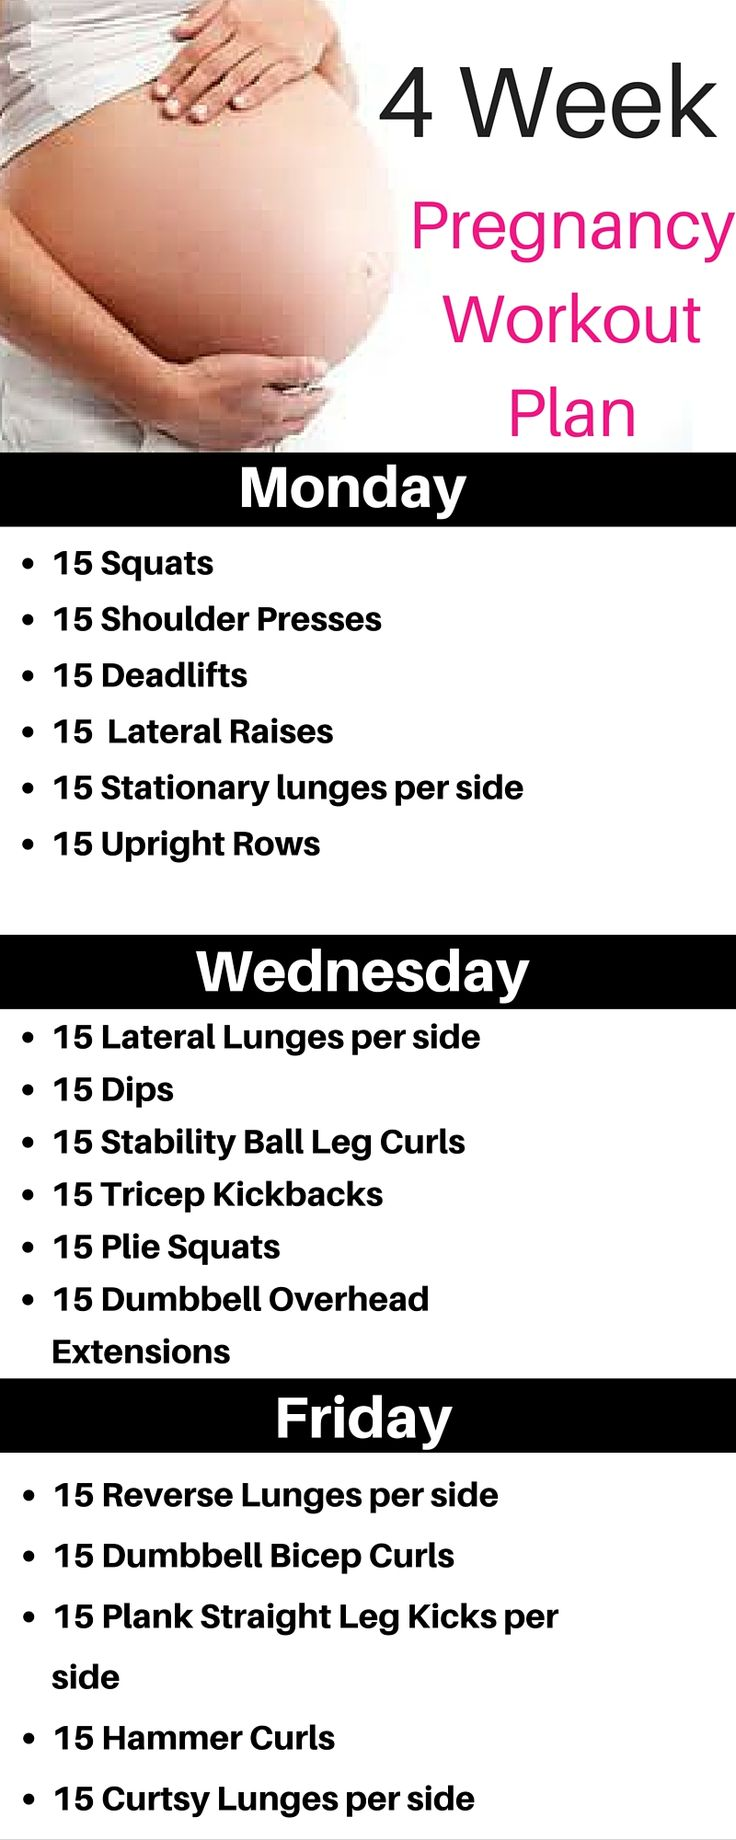 4 Week Pregnancy Workout Plan 2